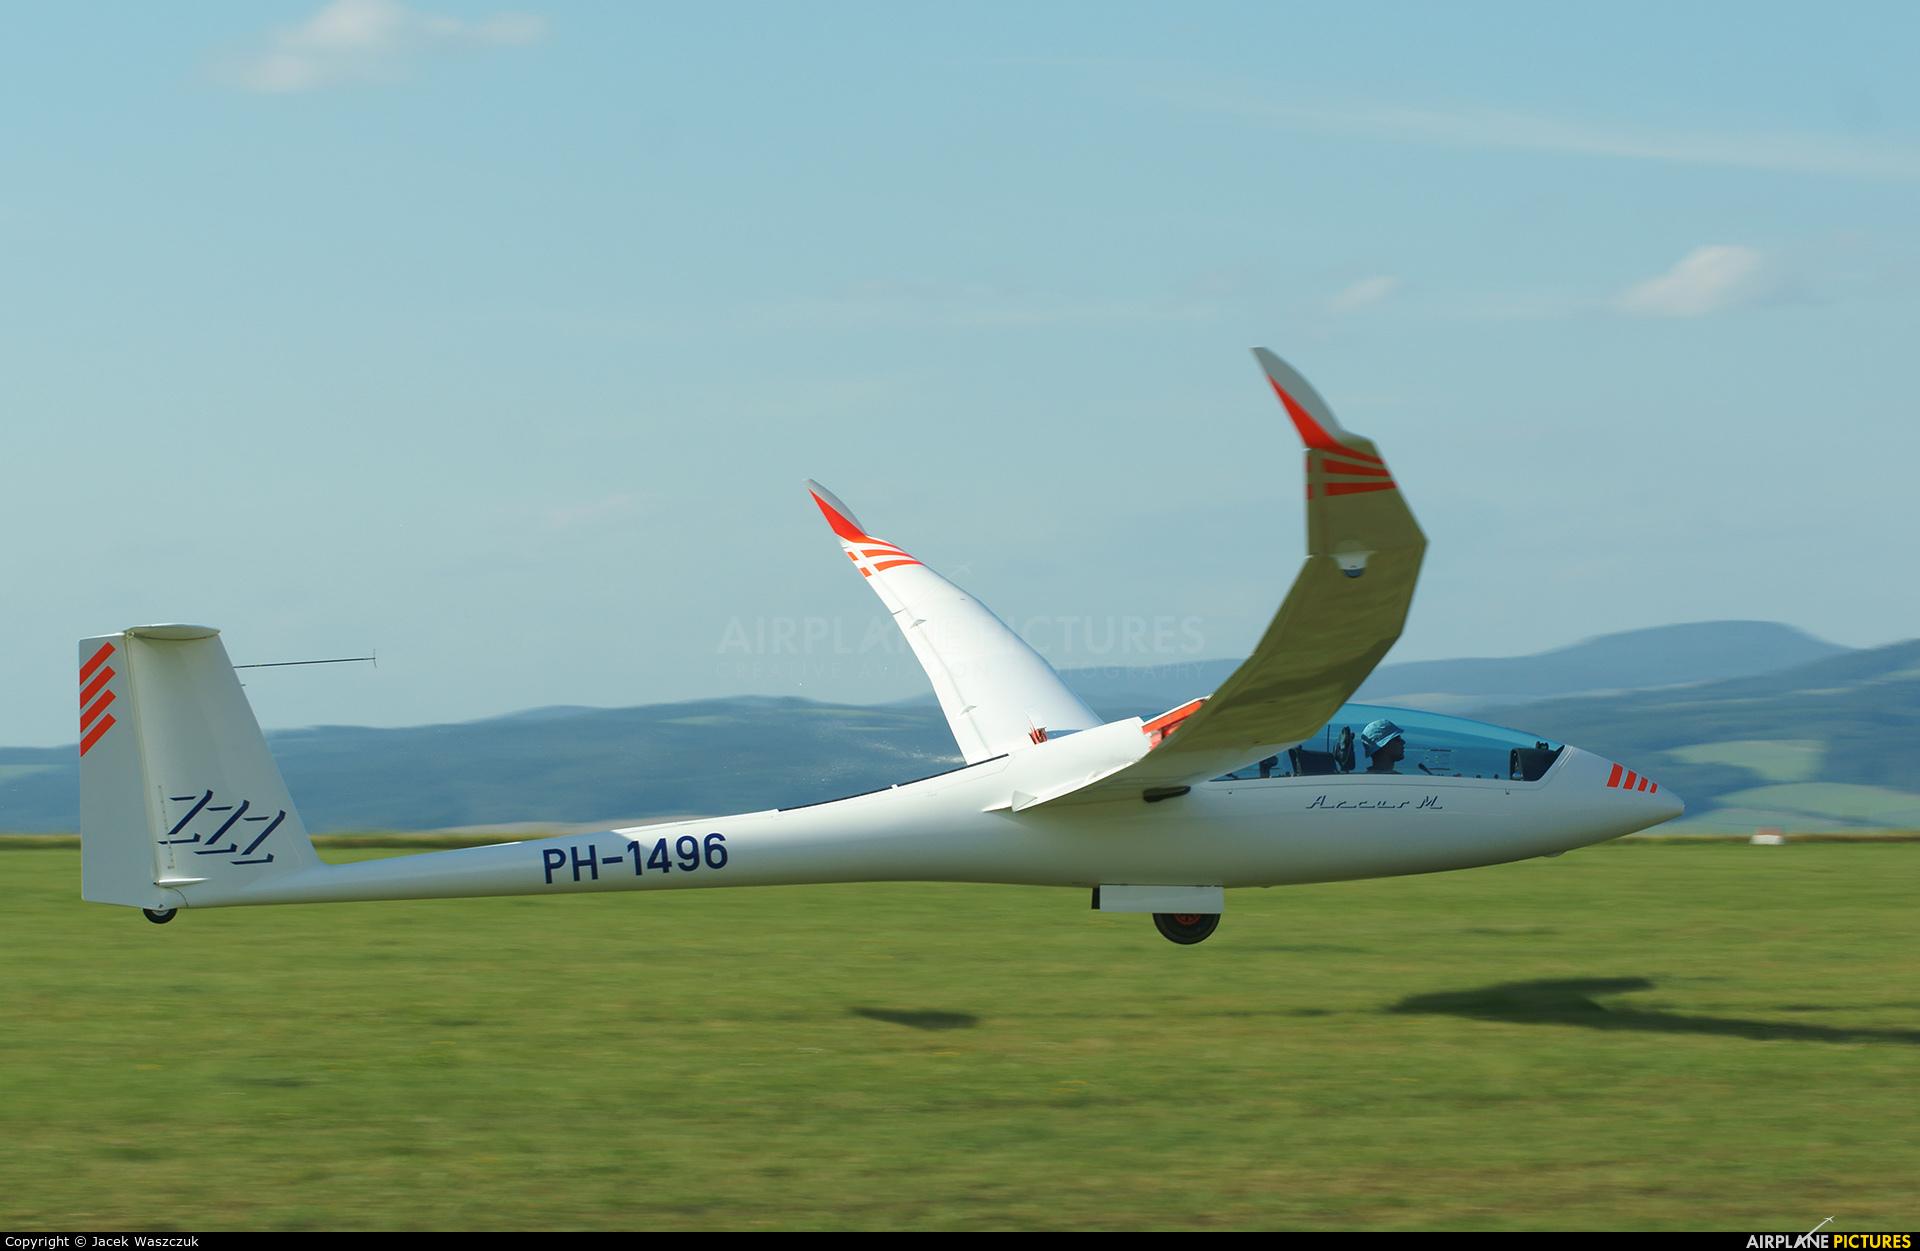 Private PH-1496 aircraft at Moravská Třebová